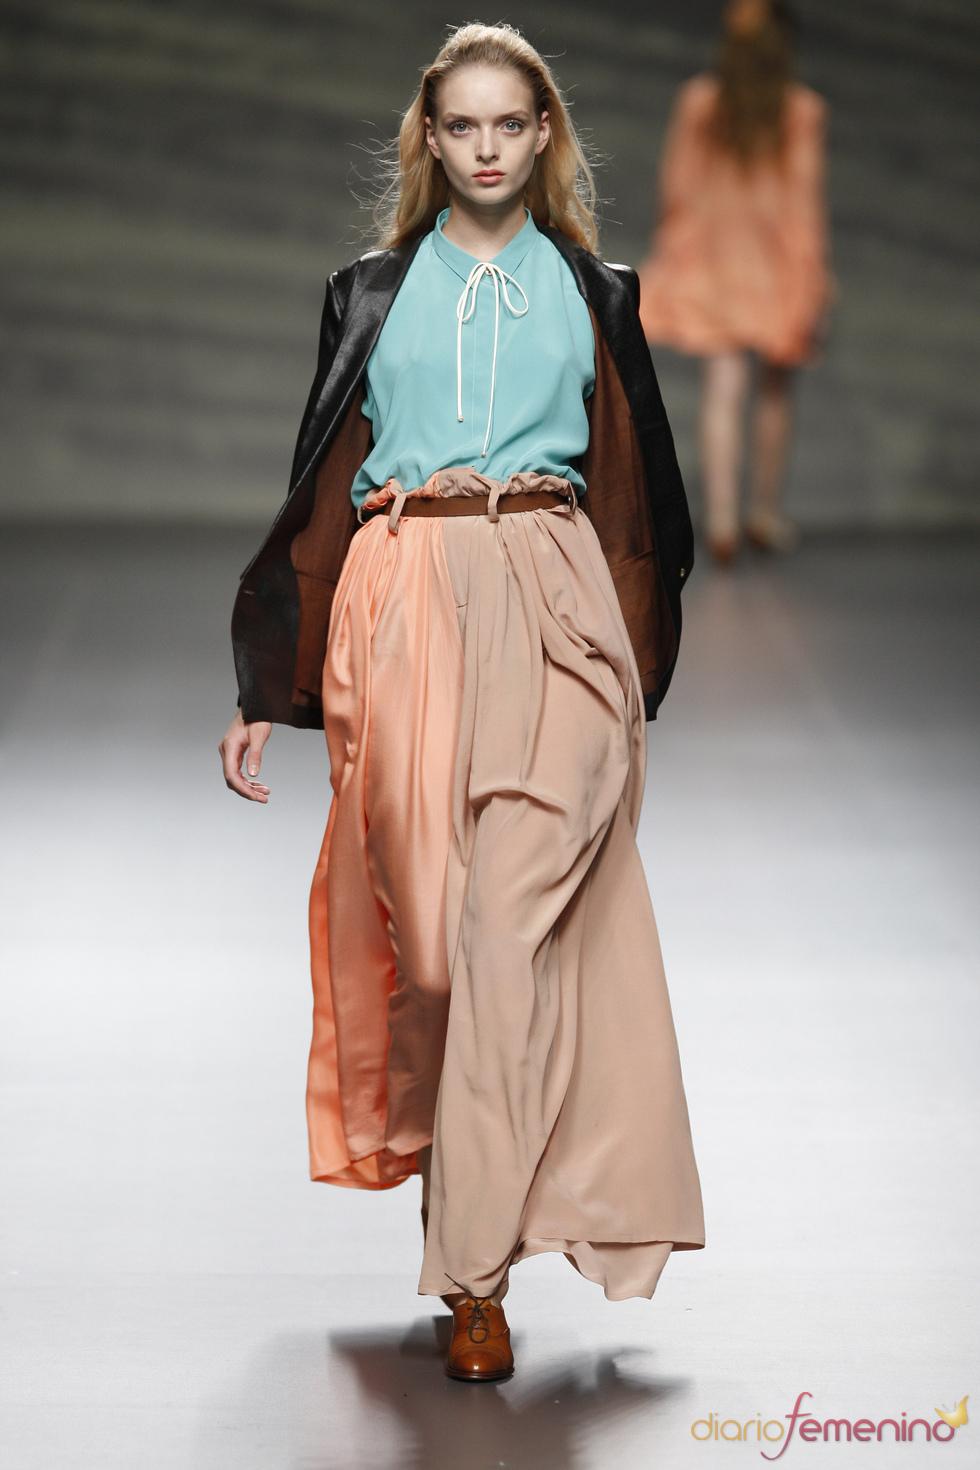 Martin Lamothe arriesga con perneras en distintos tonos durante la Madrid Fashion Week